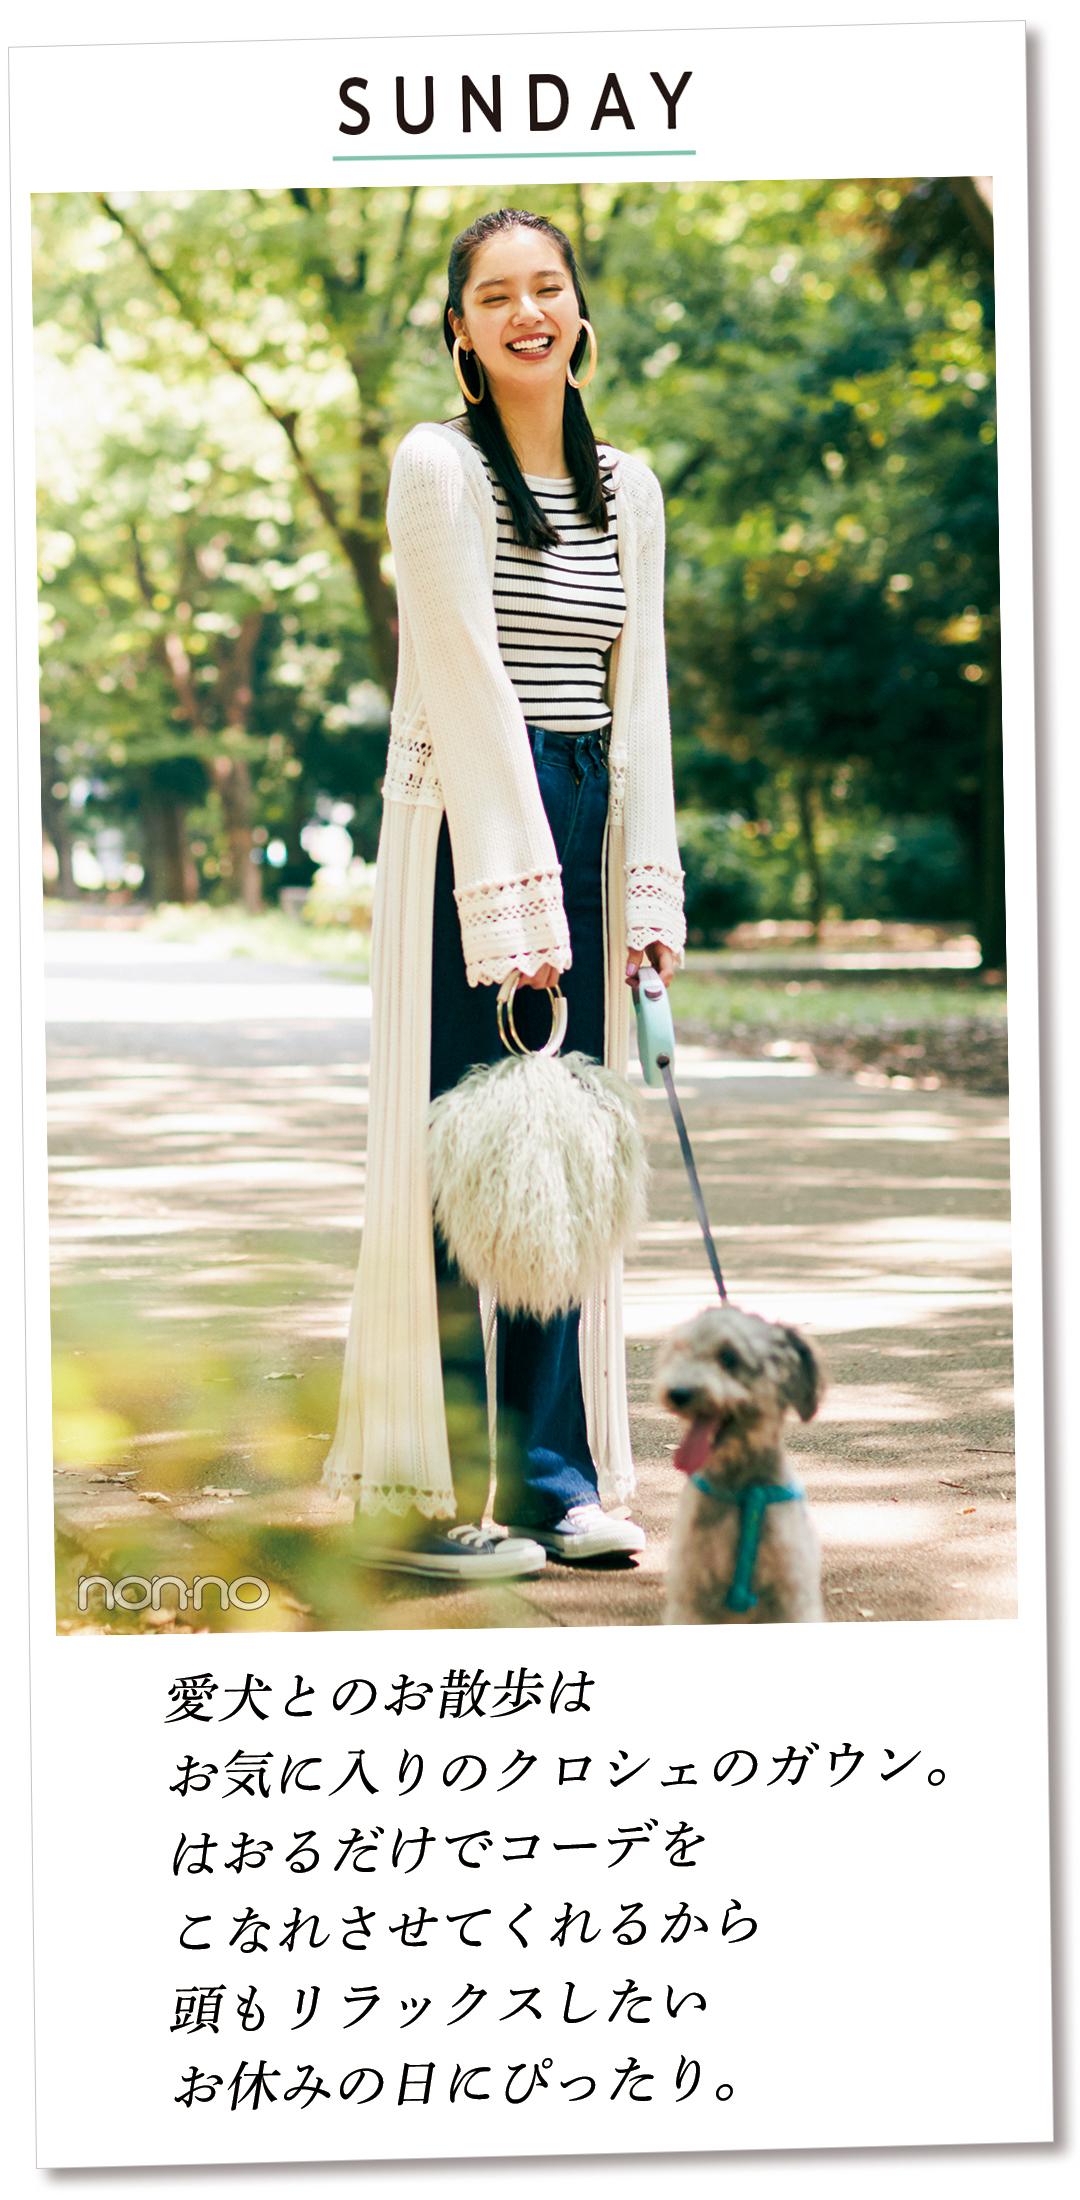 SUNDAY 愛犬とのお散歩は お気に入りのクロシェのガウン。 はおるだけでコーデを こなれさせてくれるから 頭もリラックスしたい お休みの日にぴったり。